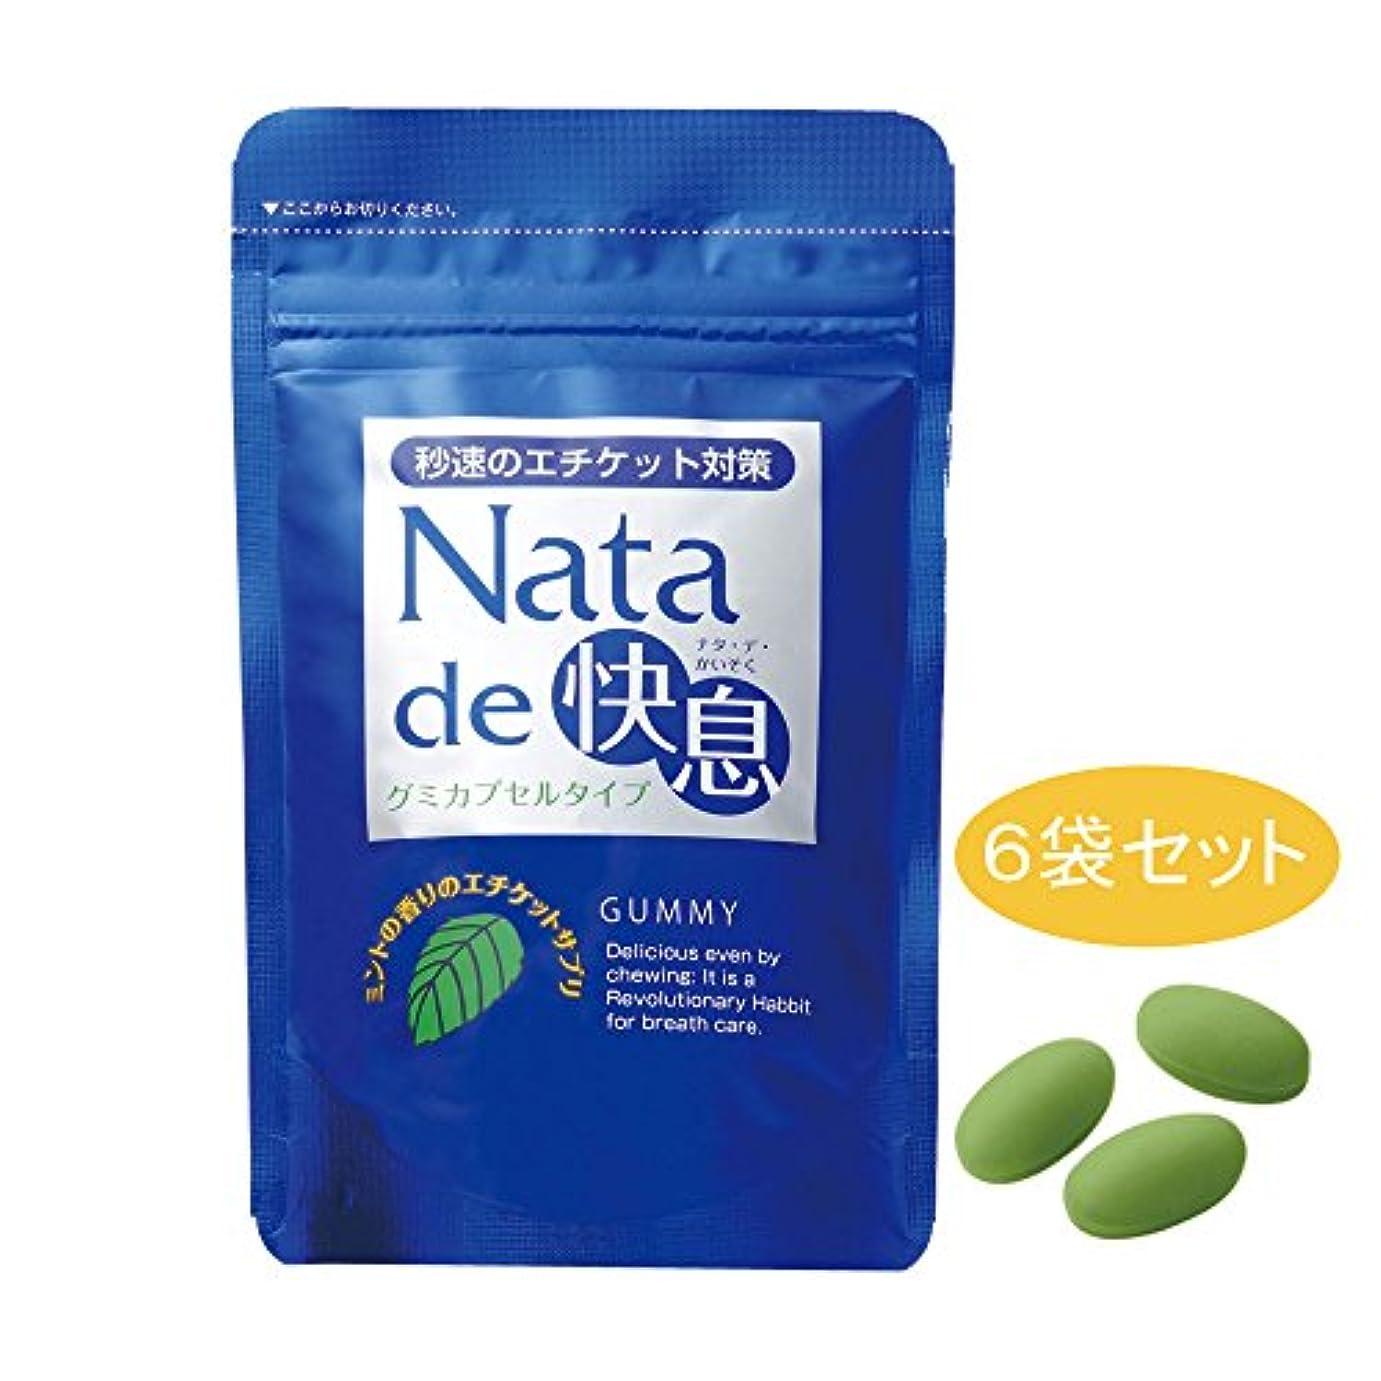 解決する綺麗な通訳ナタデ快息 ミントの香り 6袋セット